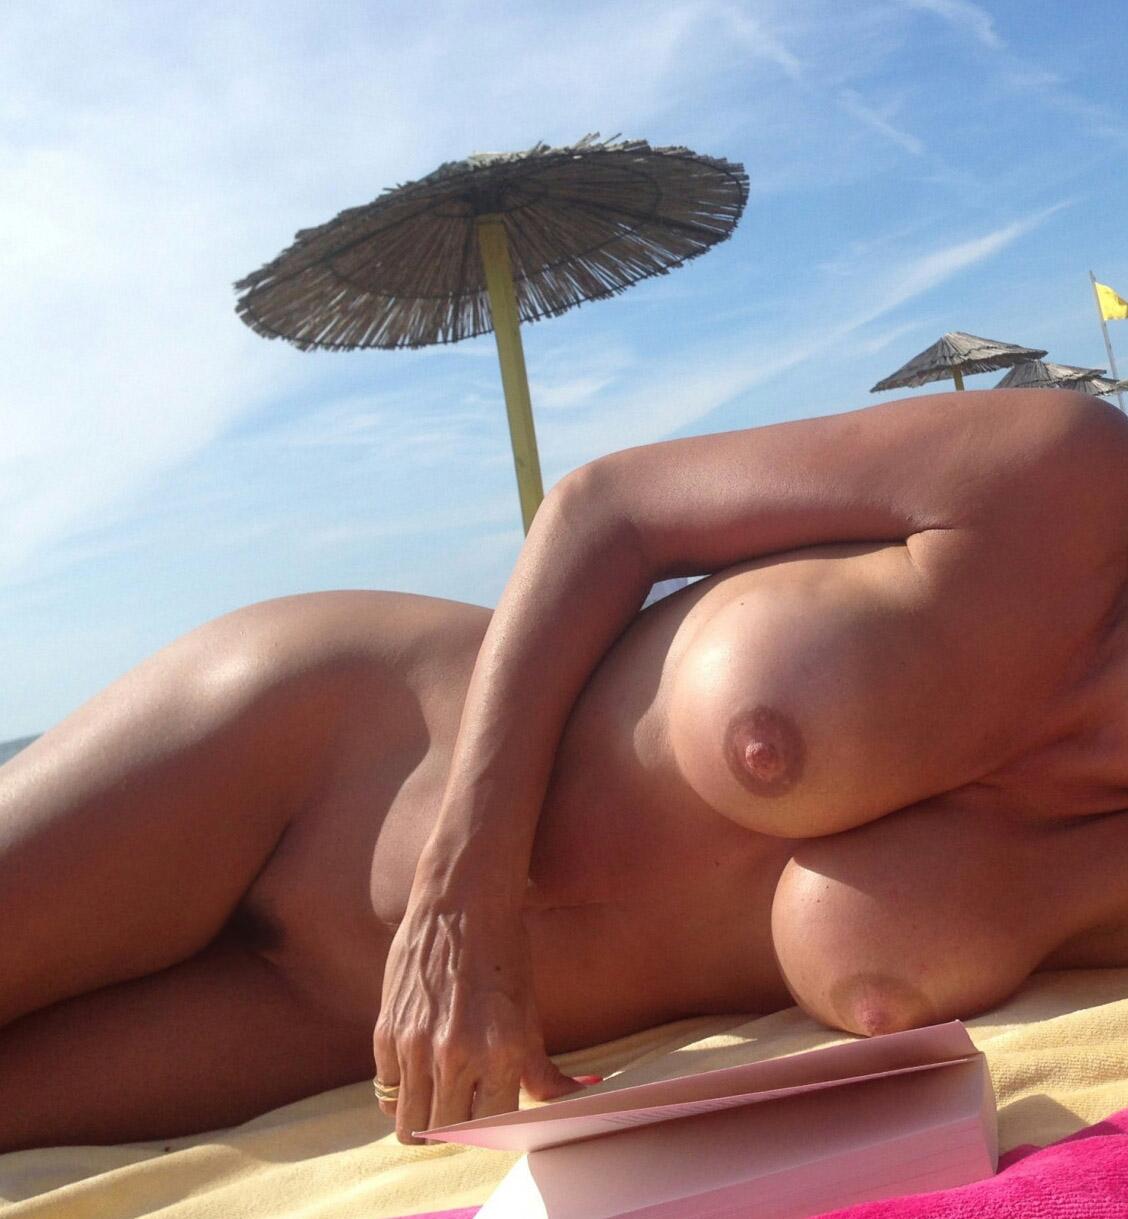 【海外エロ画像】楽園以外の何者でもないヌーディストビーチで裸体鑑賞(;´Д`)